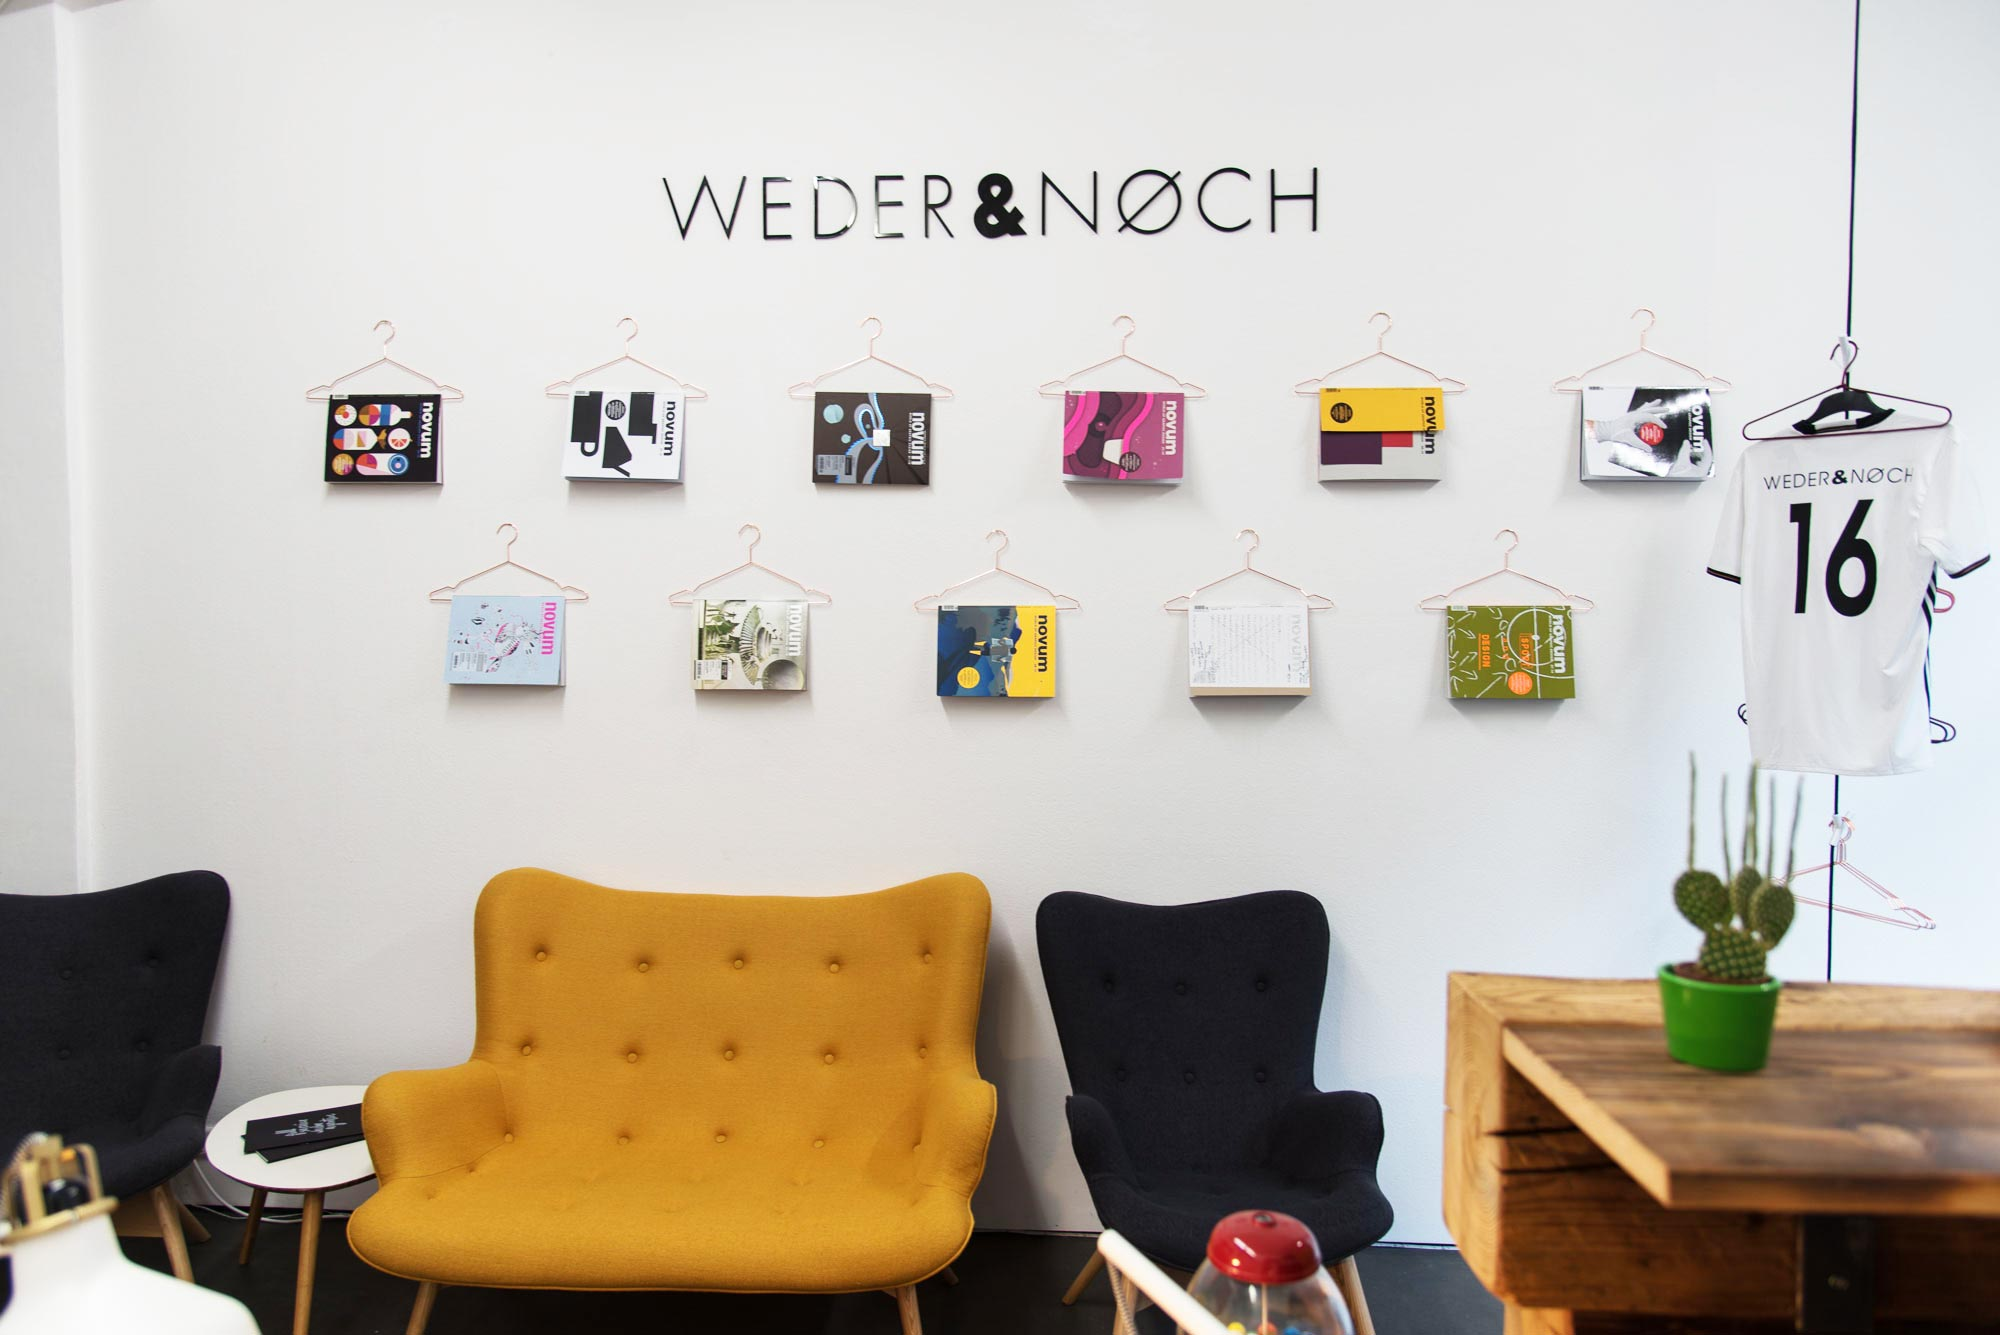 Umbau In München Verschönerung Unseres Büros Weder Noch